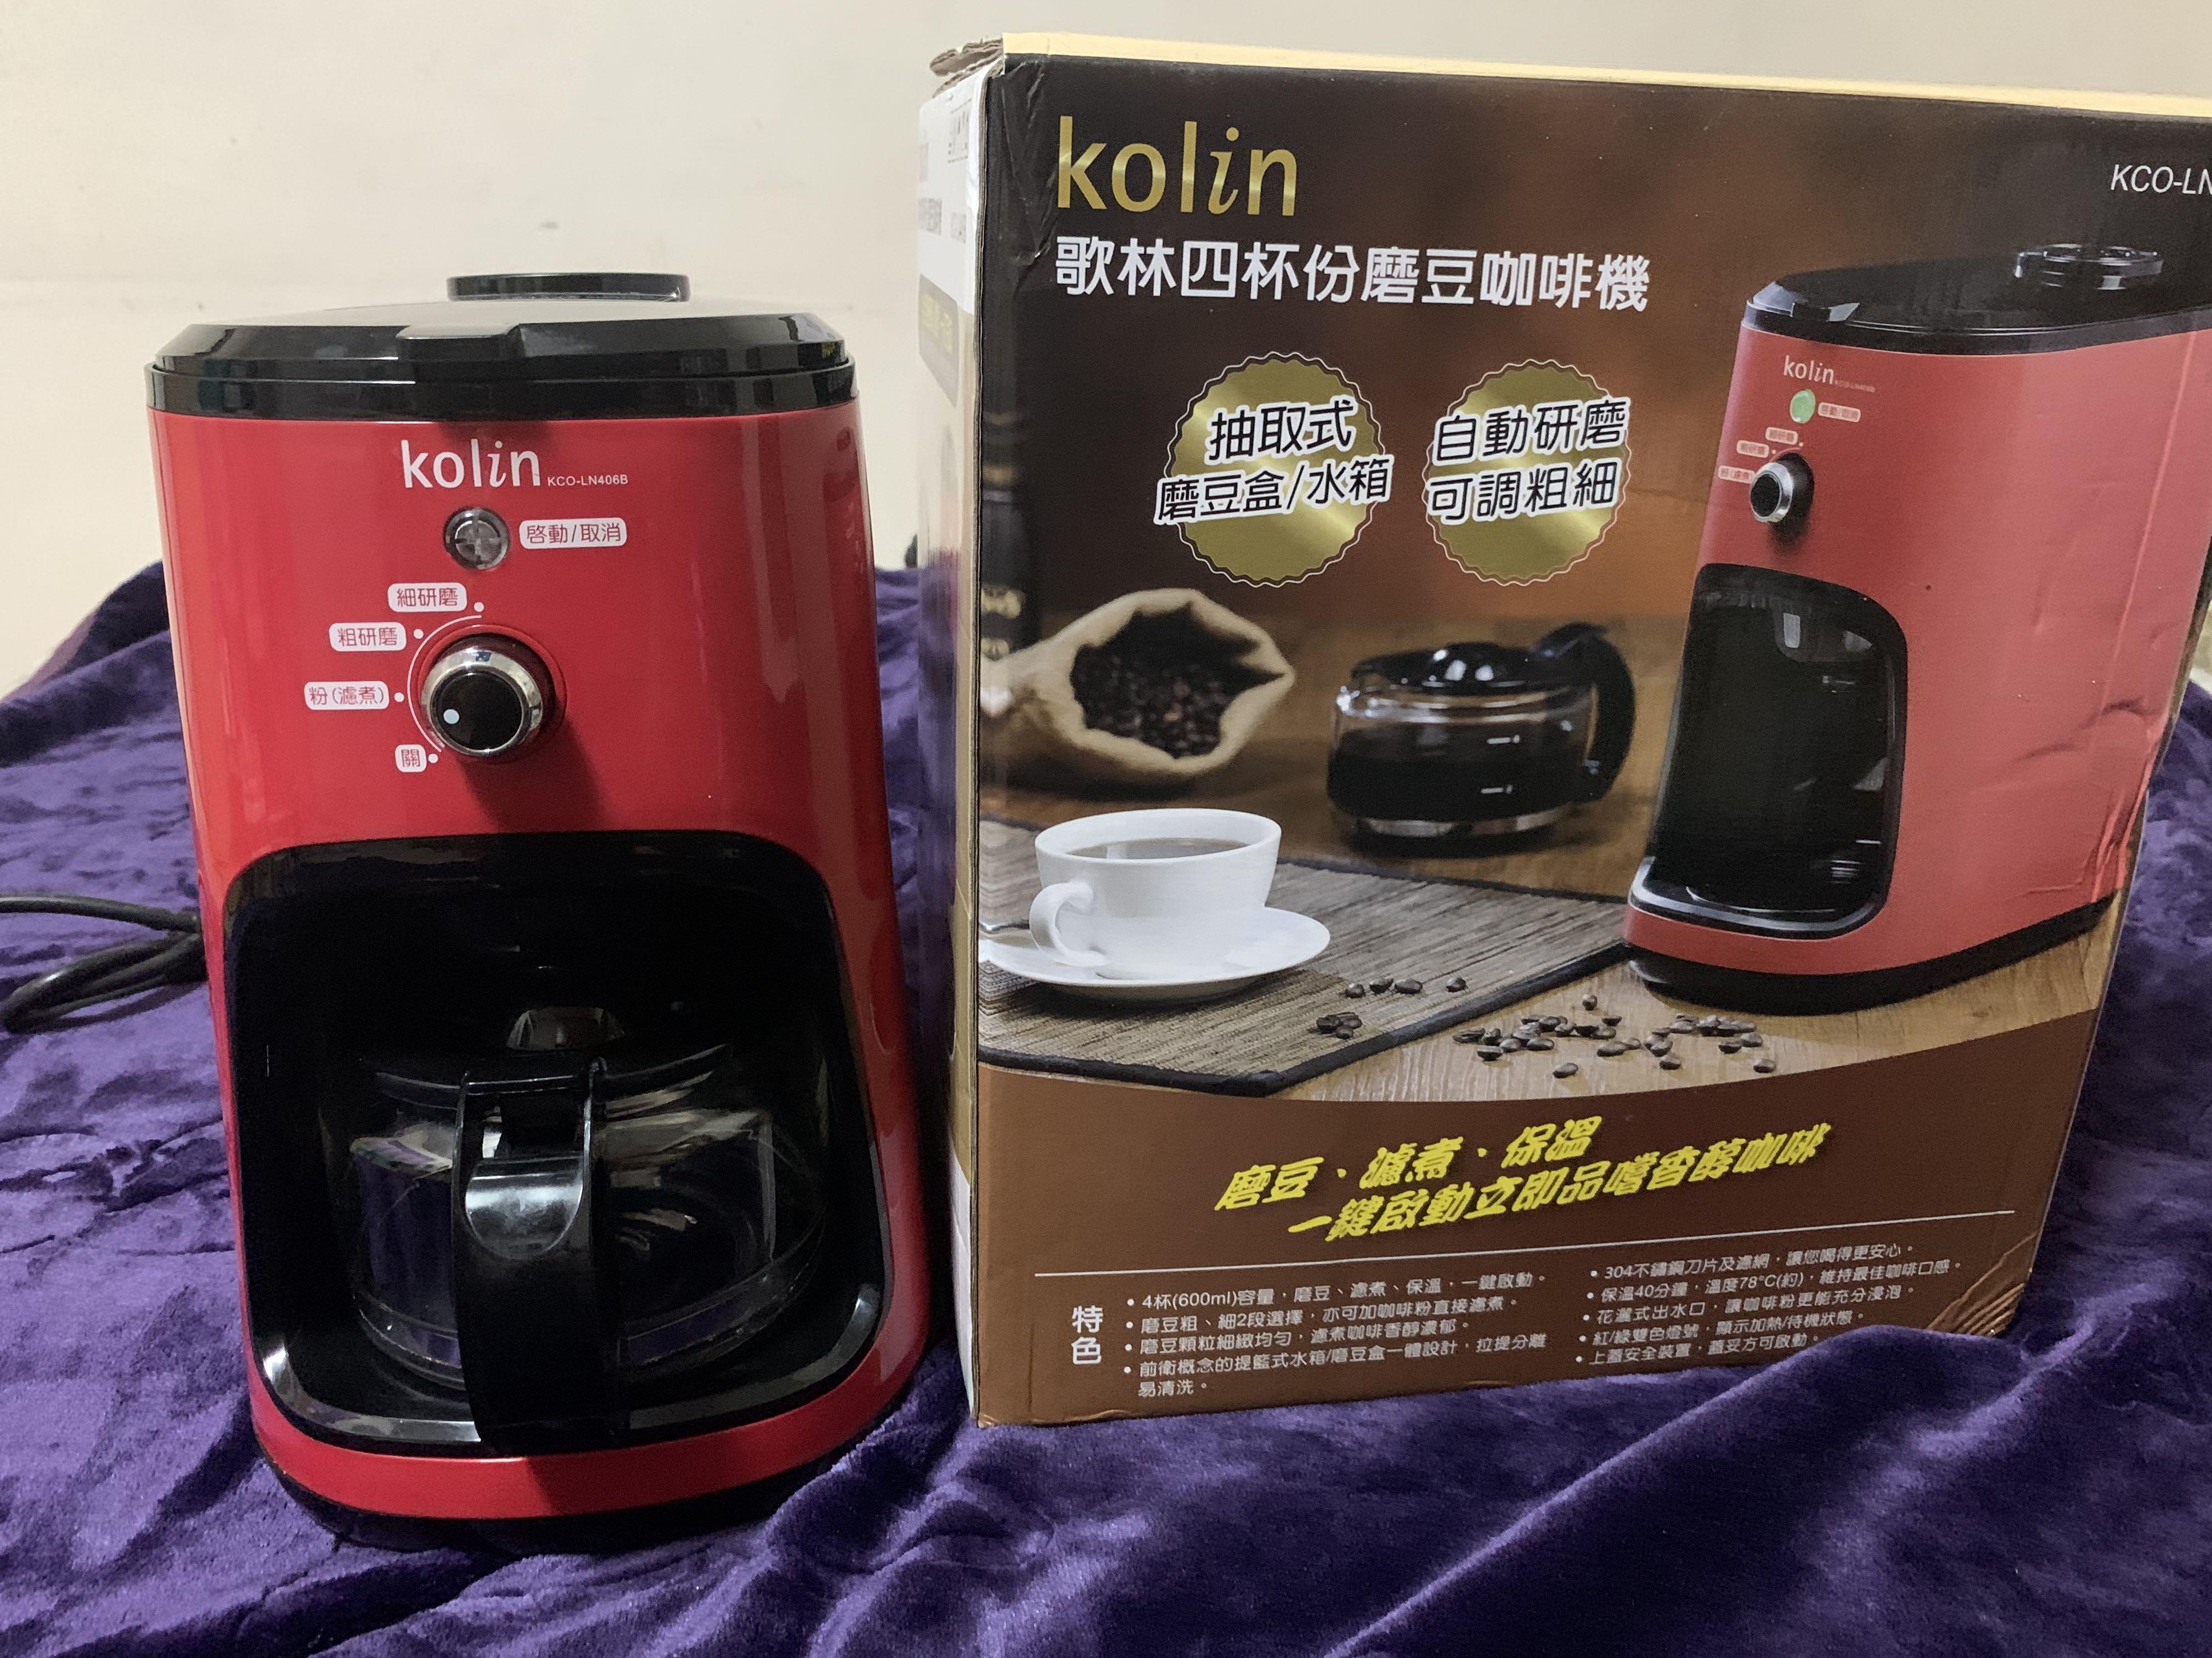 Kolin歌林4人份全自動磨豆咖啡機  9成新 KCO-LN406B 用過不到3次就一直放著 收起來👉原2980買 因都用義大利摩卡壺煮咖啡比較多,已過保固